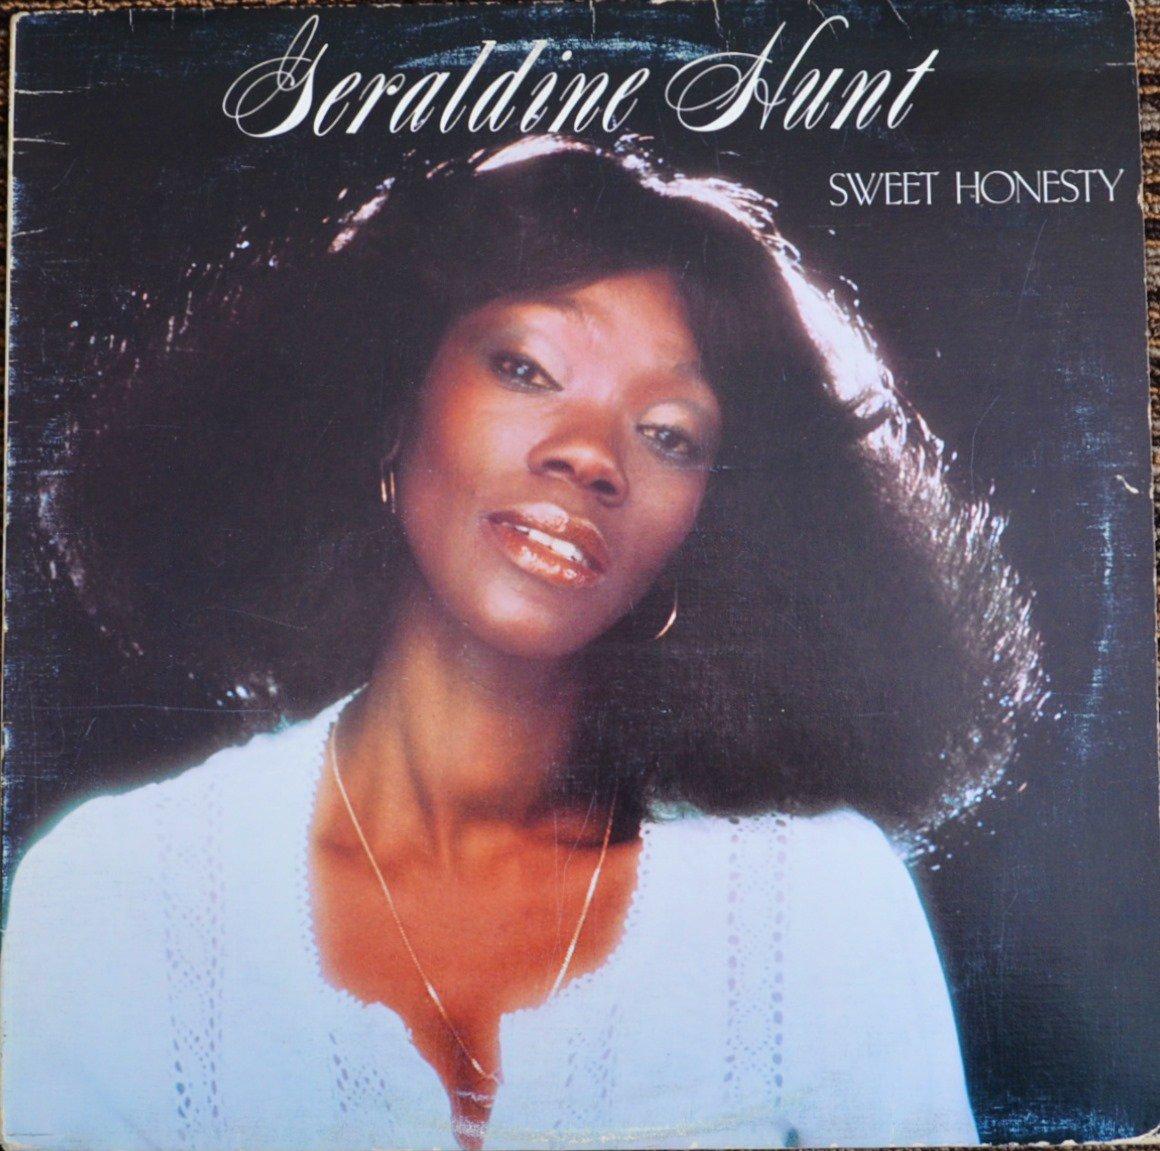 GERALDINE HUNT / SWEET HONESTY (LP)